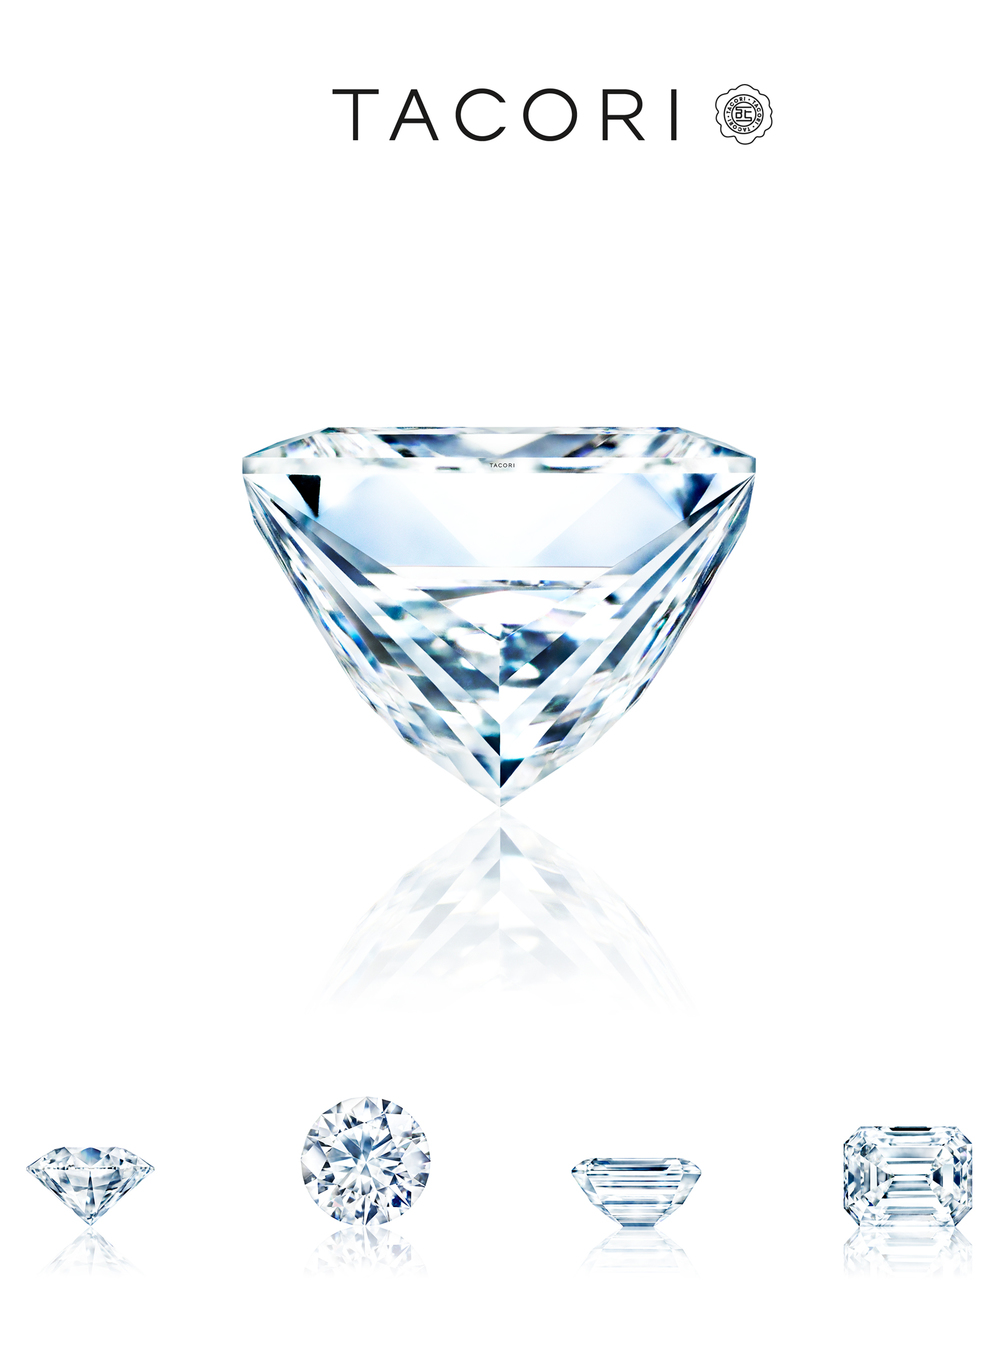 Tacori Diamonds